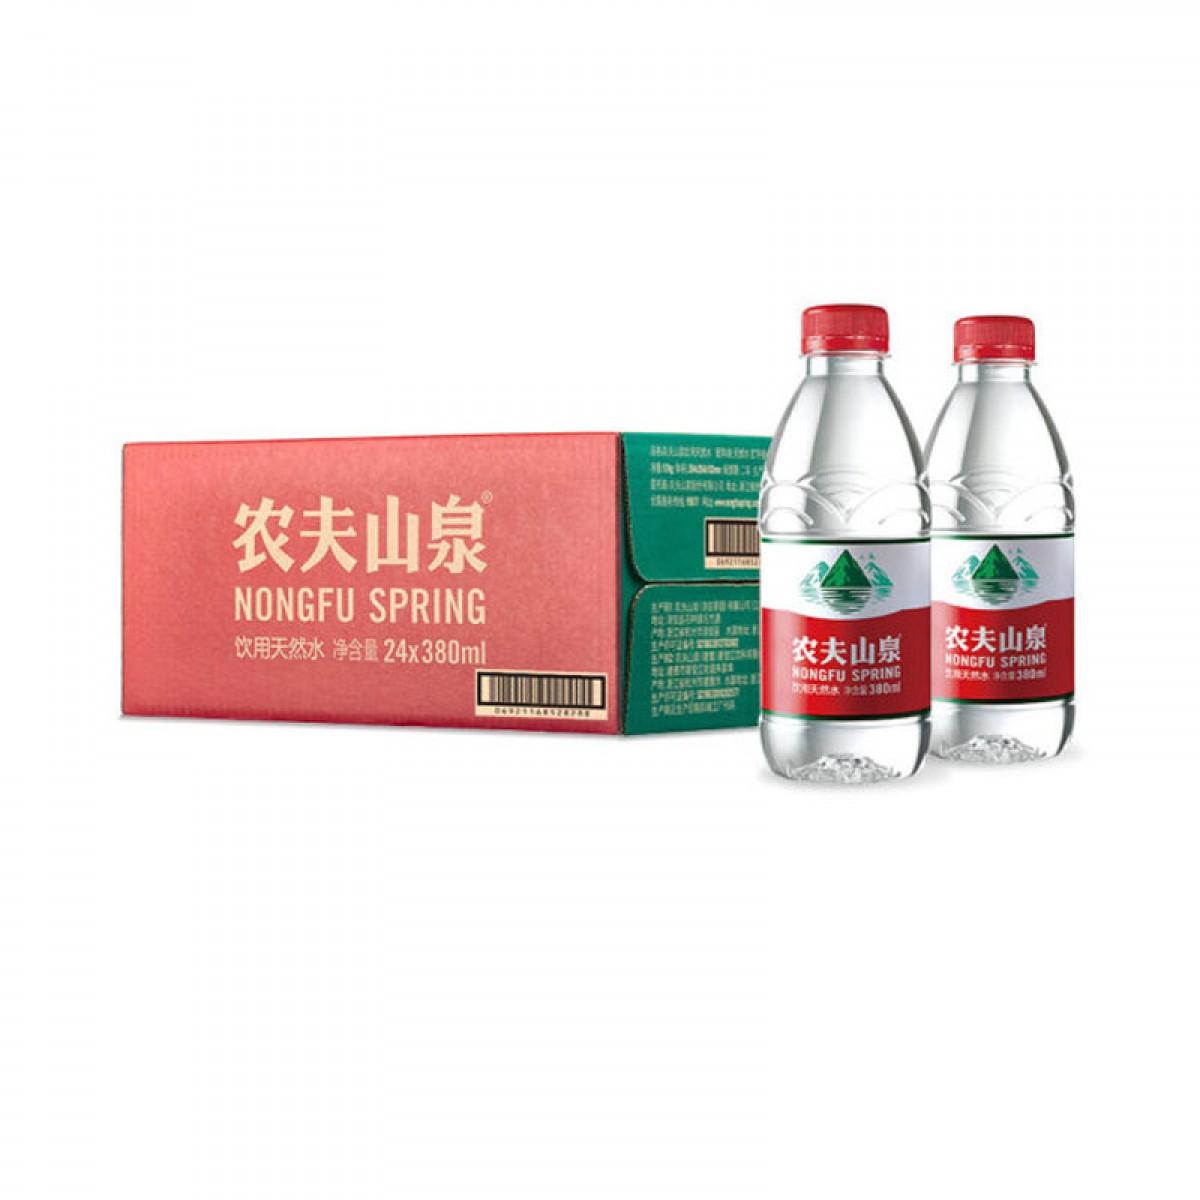 农夫山泉 饮用天然水 瓶装 380mlX24瓶 整箱